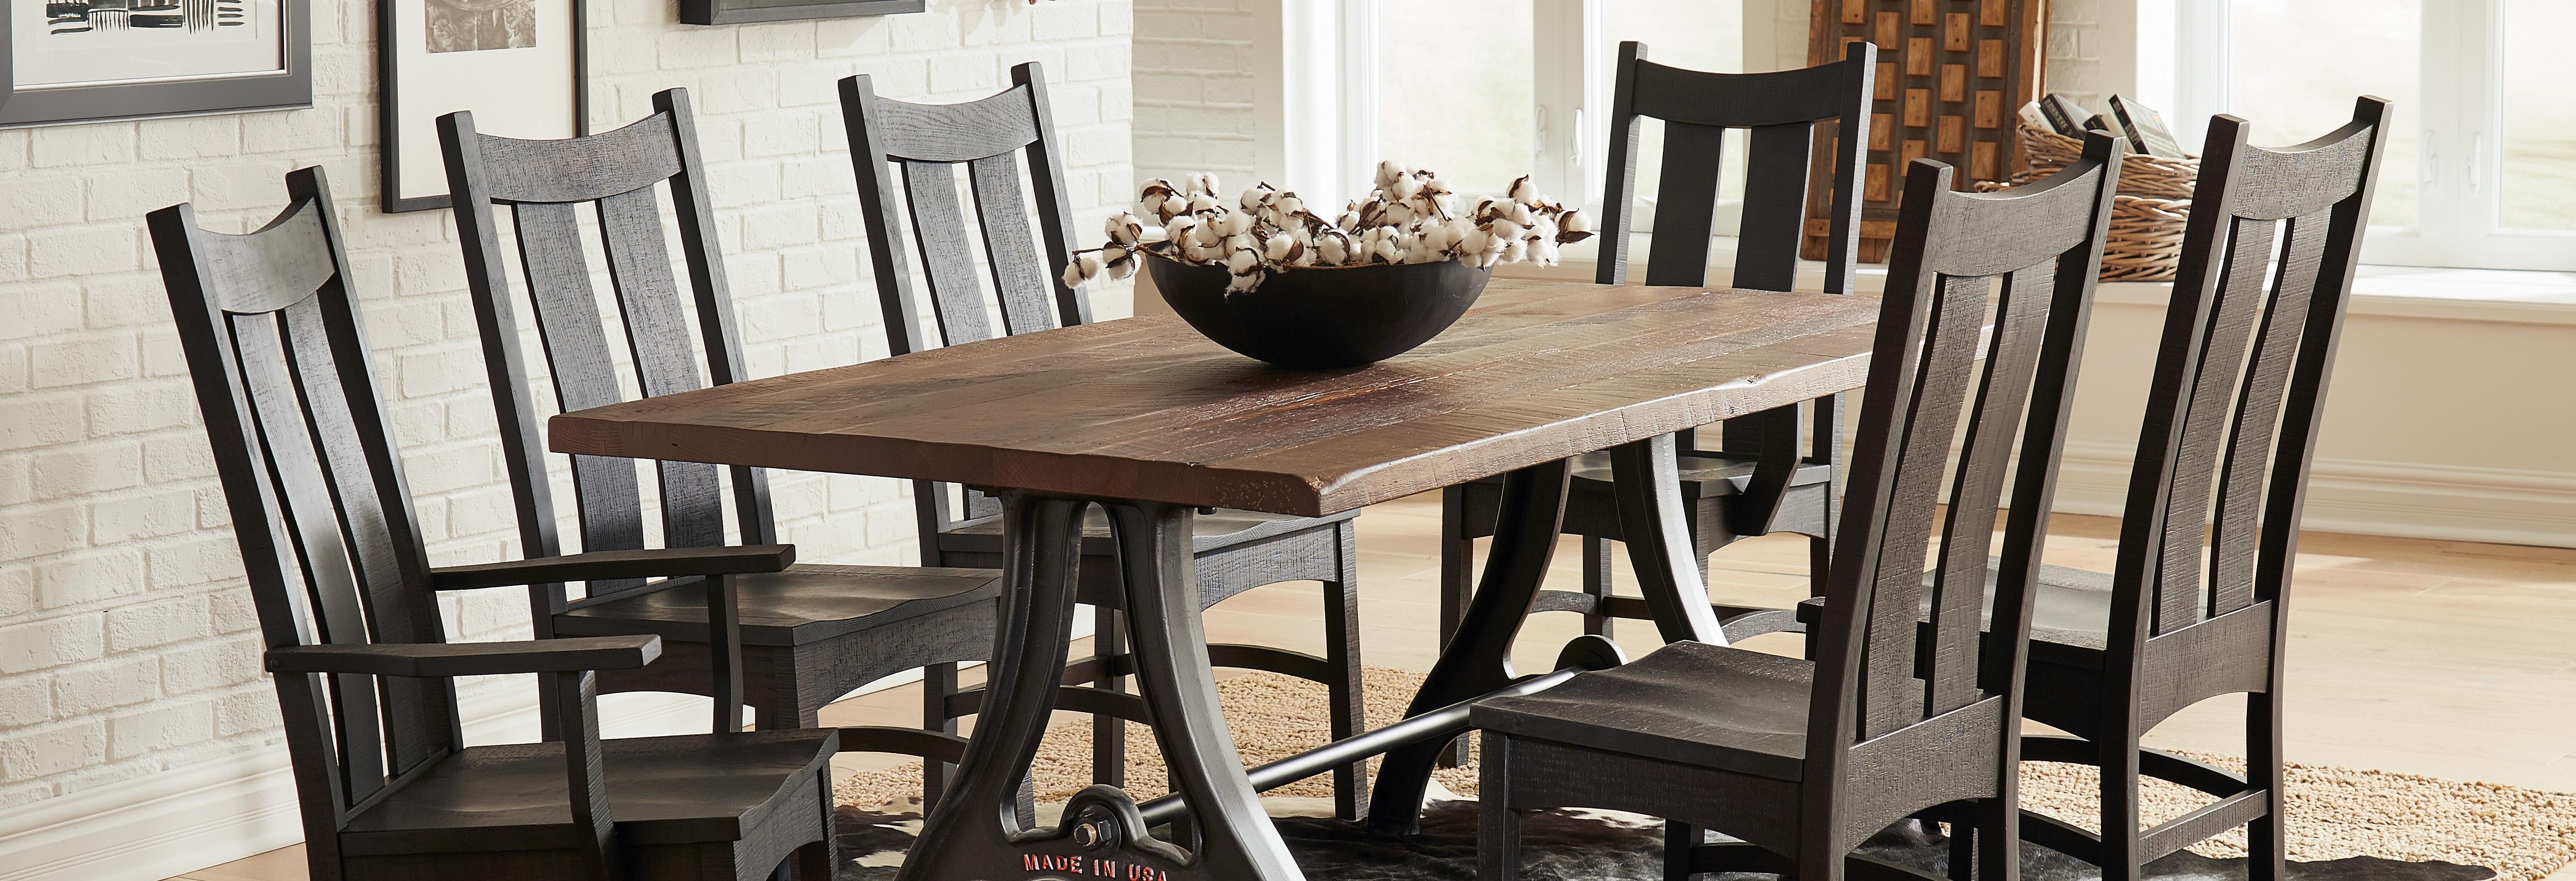 custom amish contractor furniture